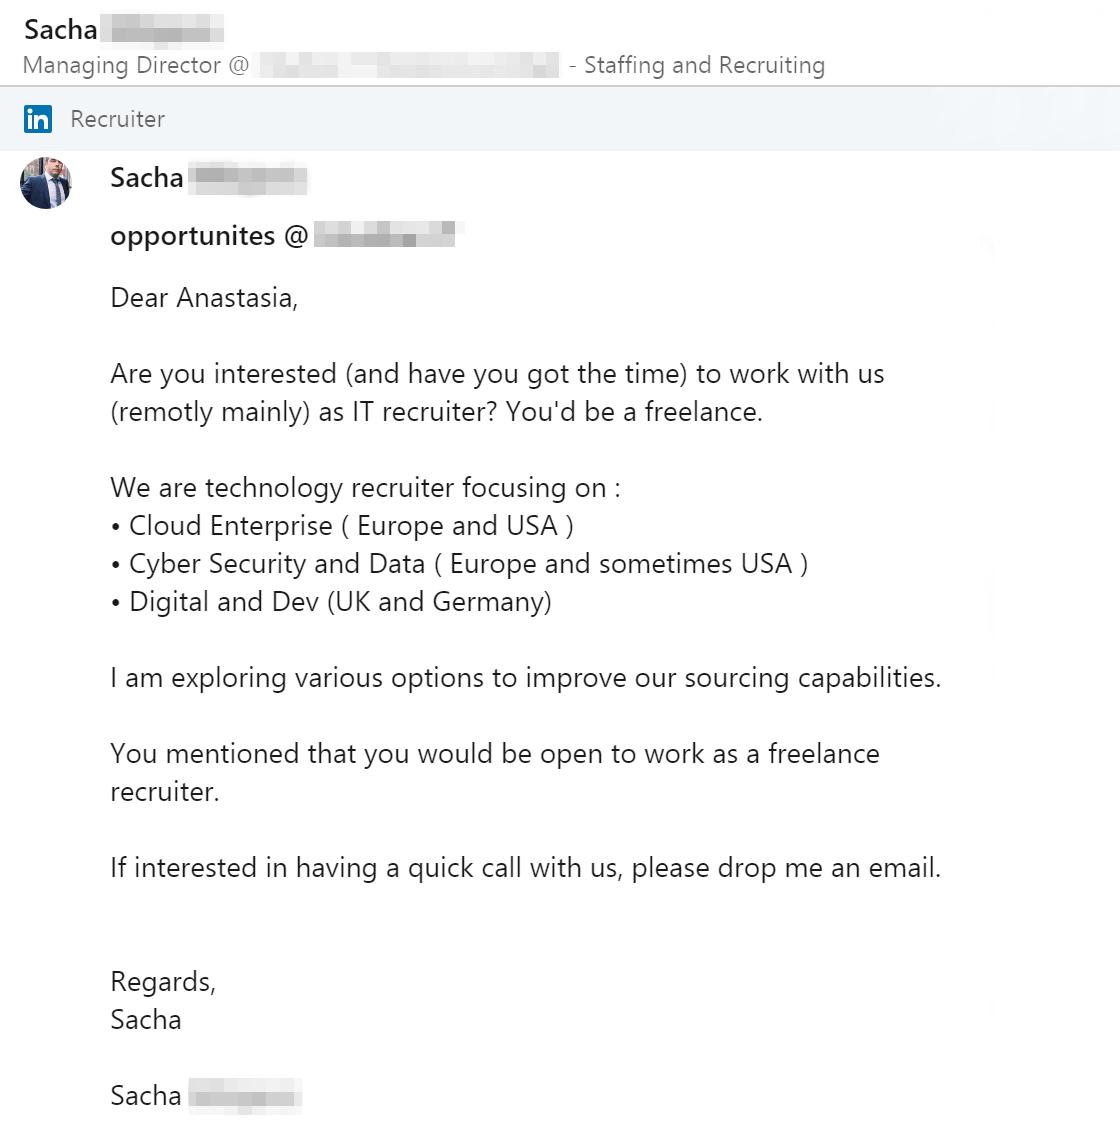 Вот такие предложения о сотрудничестве регулярно приходят мне в «Линкед-ине». В этом случае директор компании предлагает удаленную подработку в качестве рекрутера-фрилансера. Мы немного пообщались в мессенджере, но не договорились по деньгам